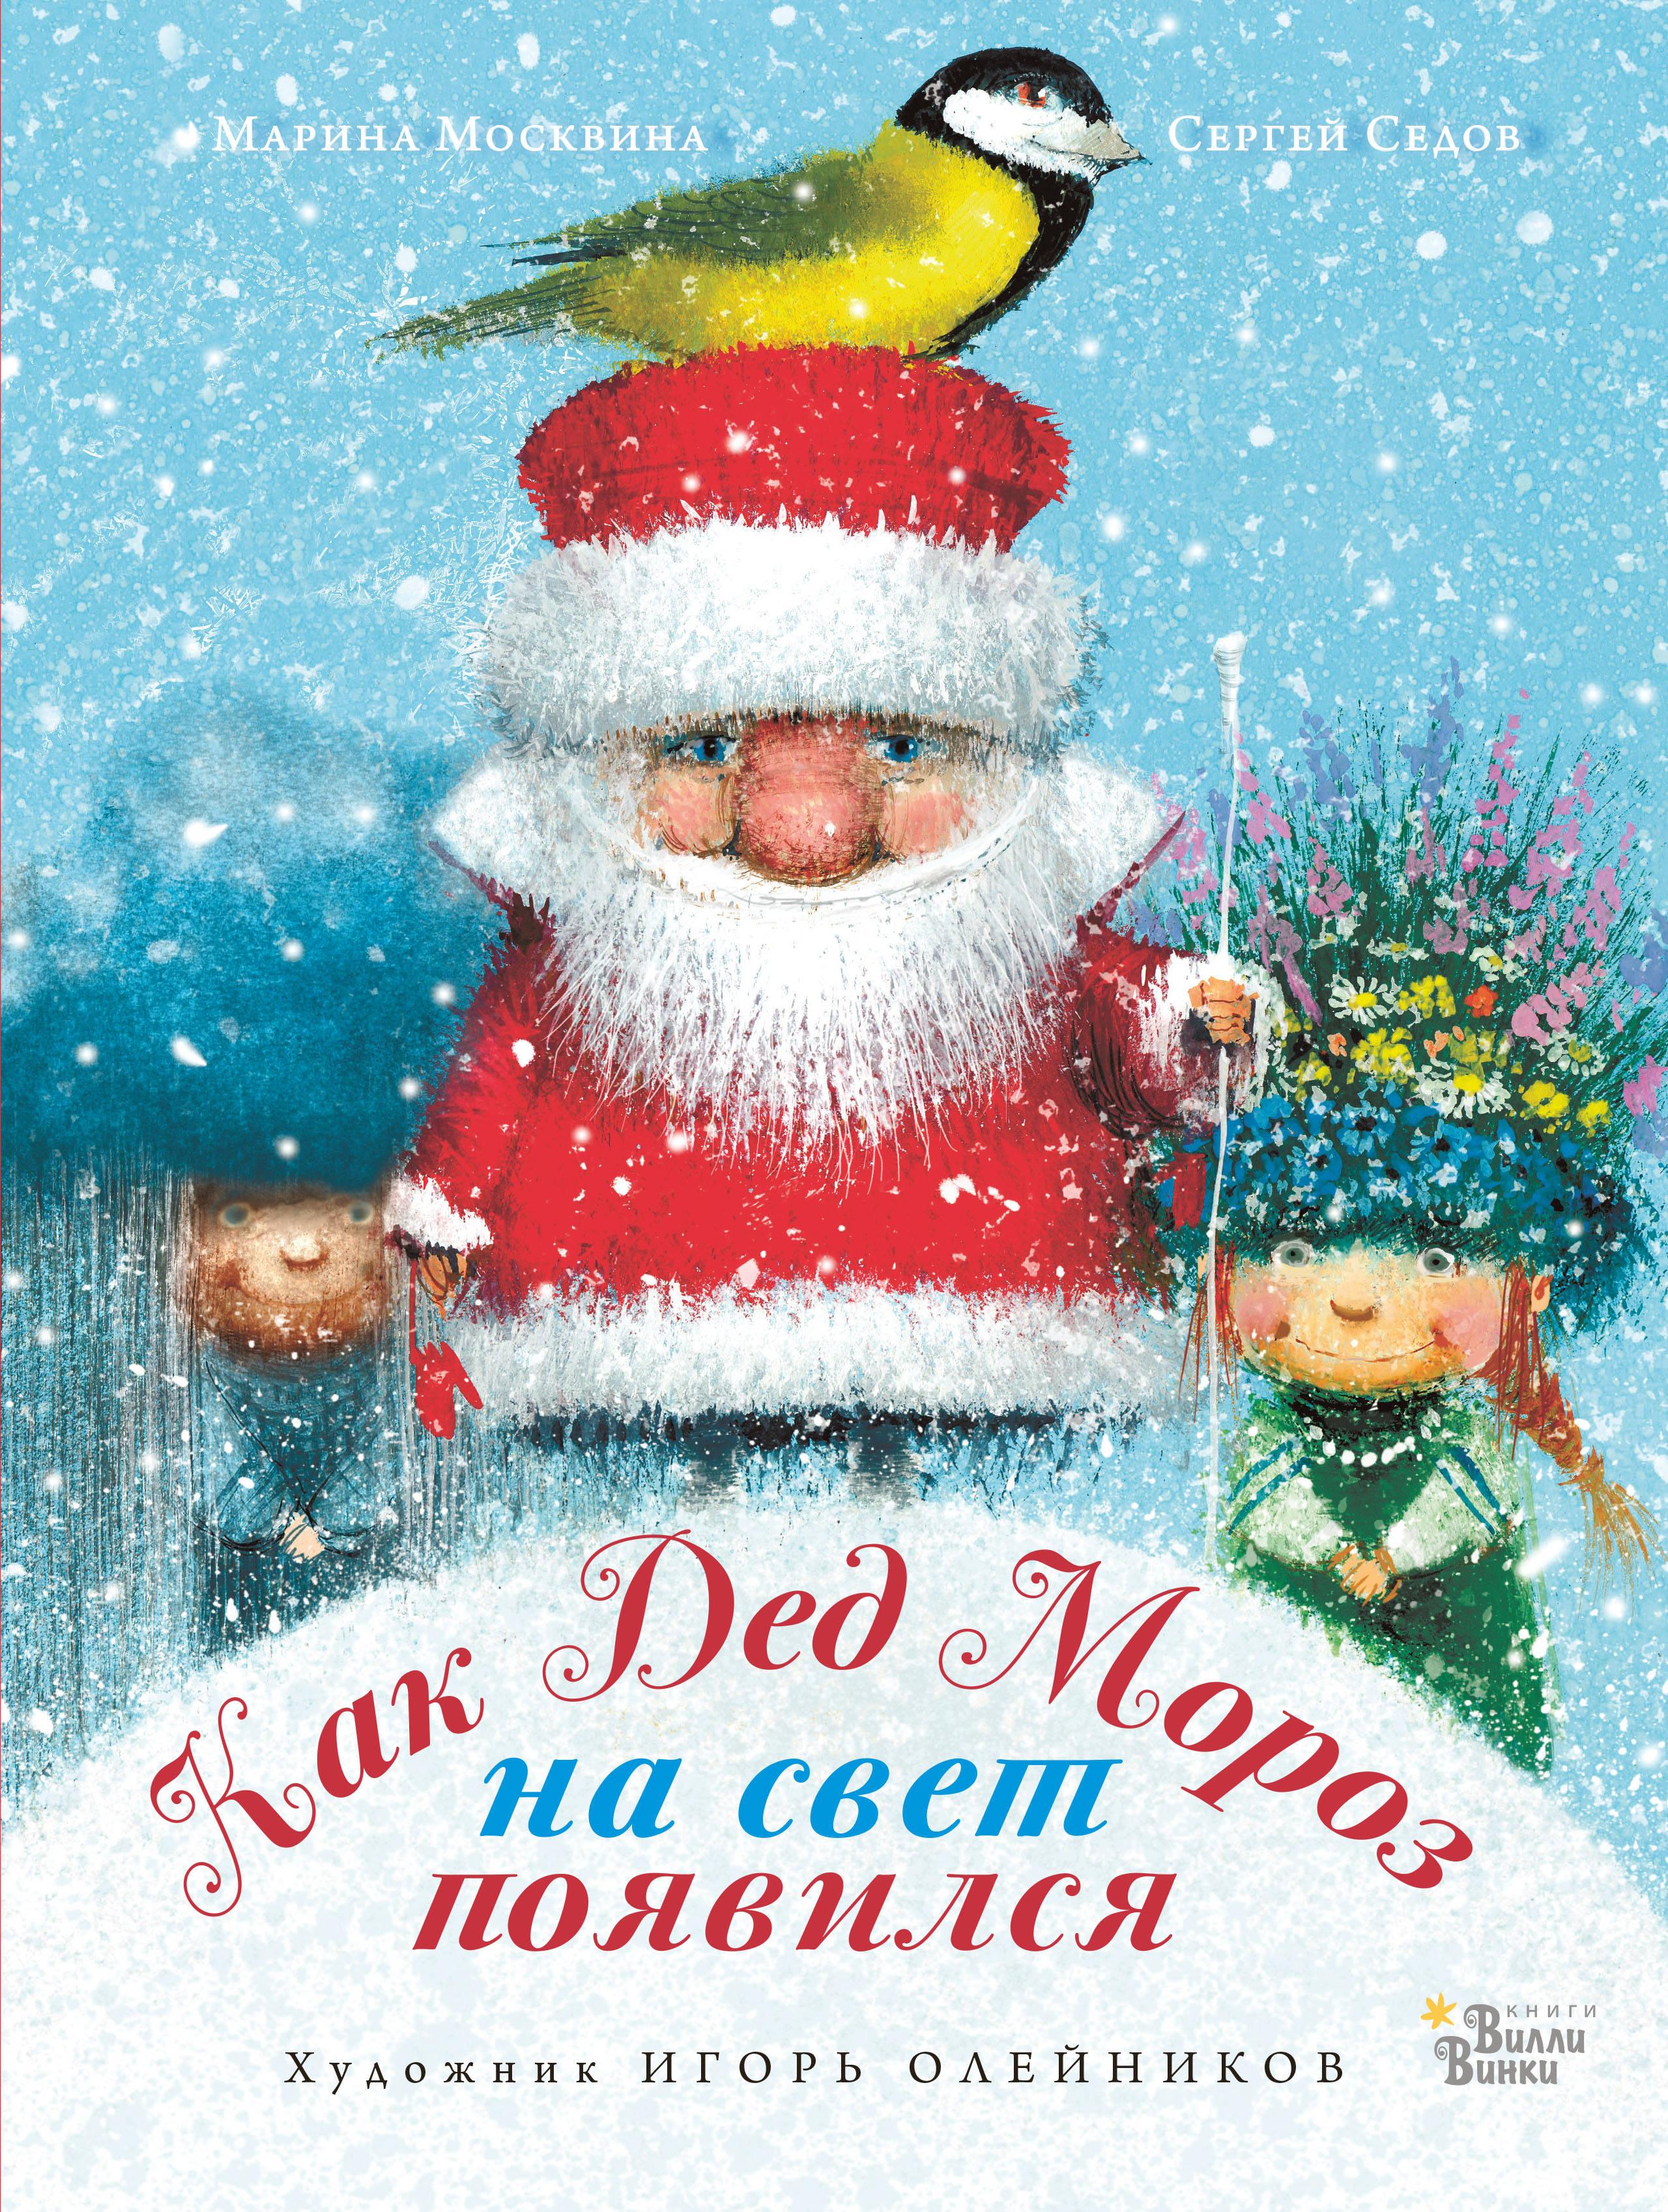 Kak Ded Moroz na svet pojavilsja